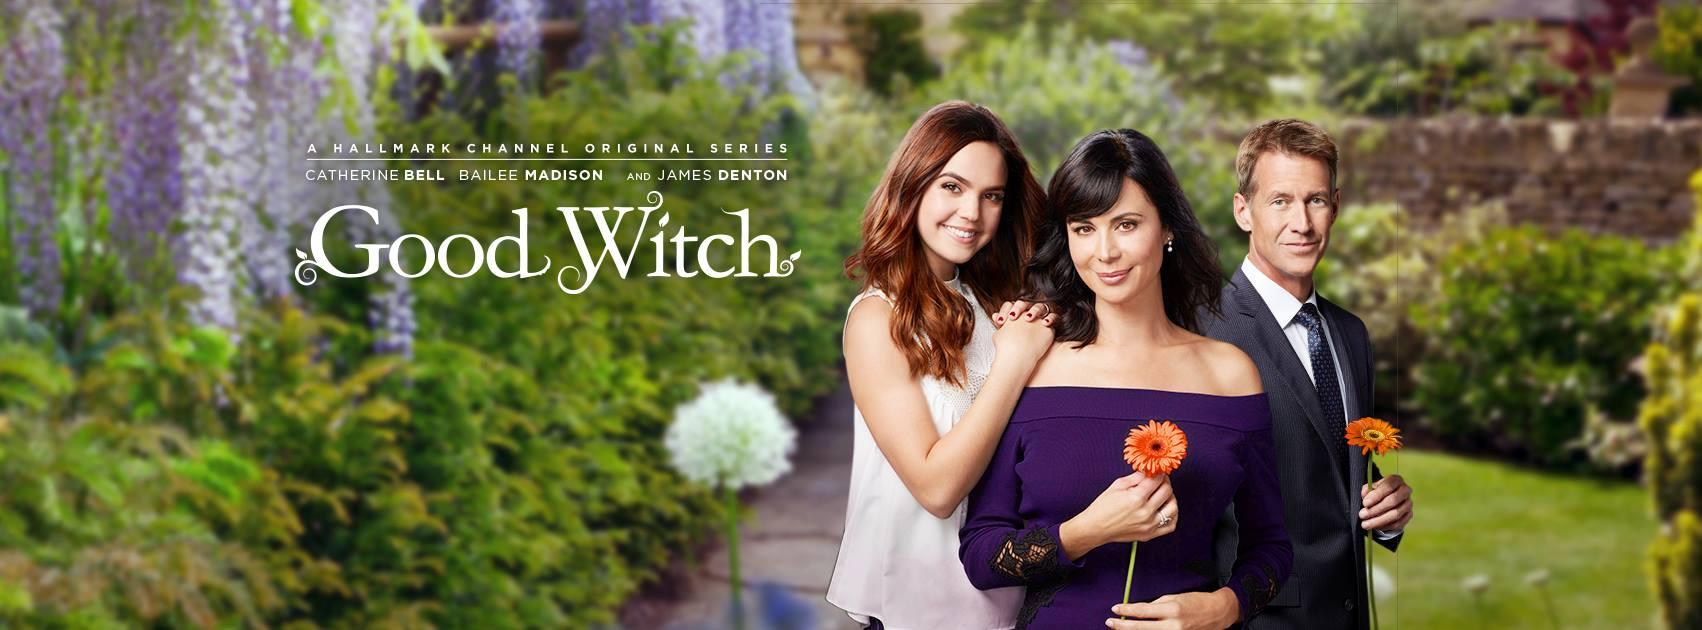 Genre TV Grid - Week of August 18: Season finales for Good